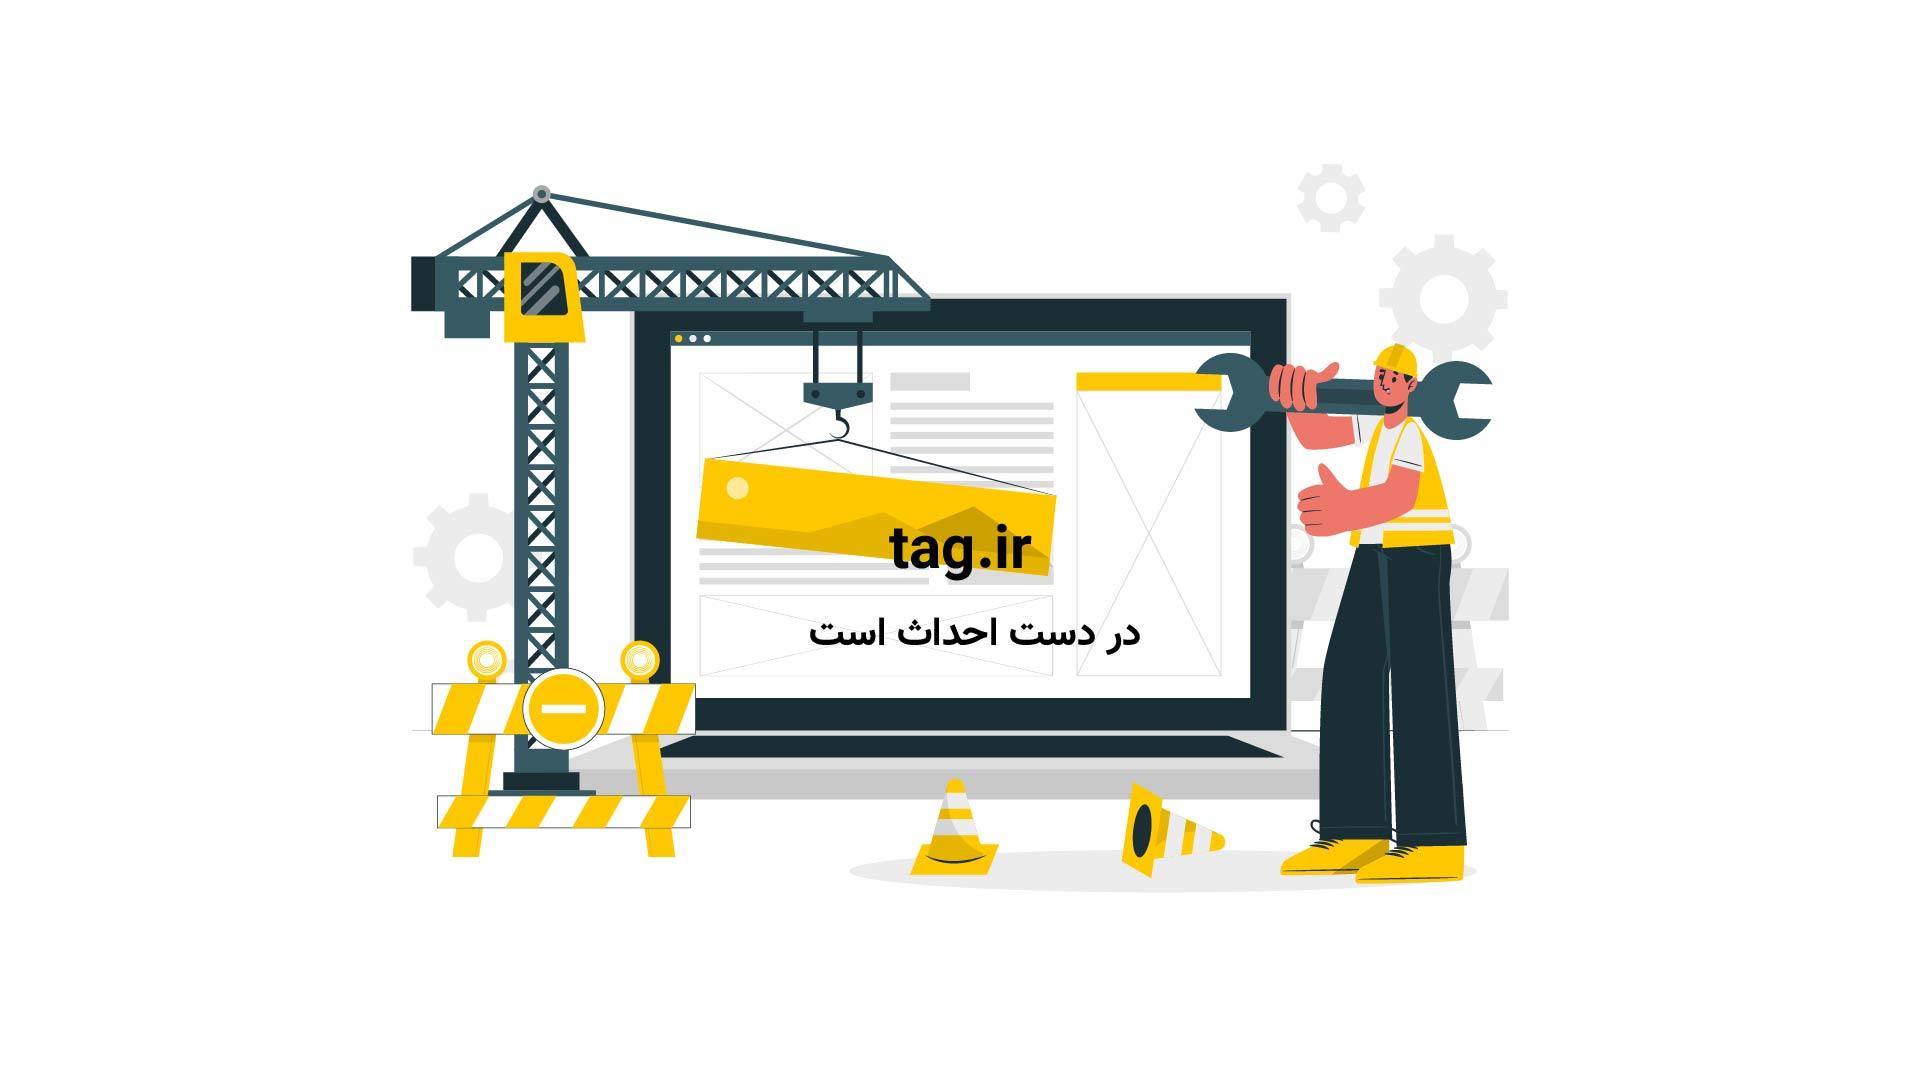 آغاز طرح رجیستری موبایل از 28 مهر   فیلم